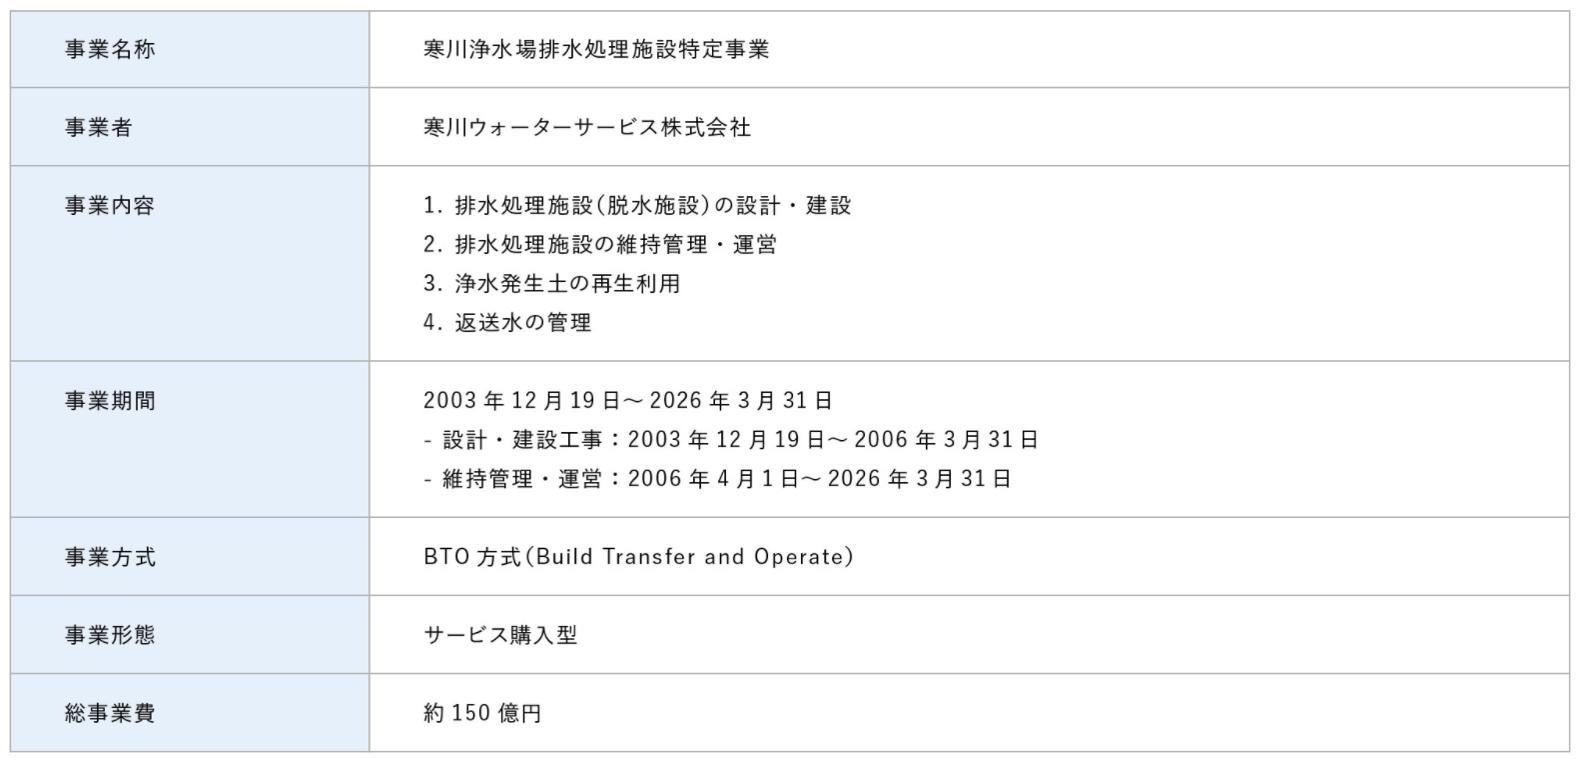 8_浄水場におけるPFI事業1